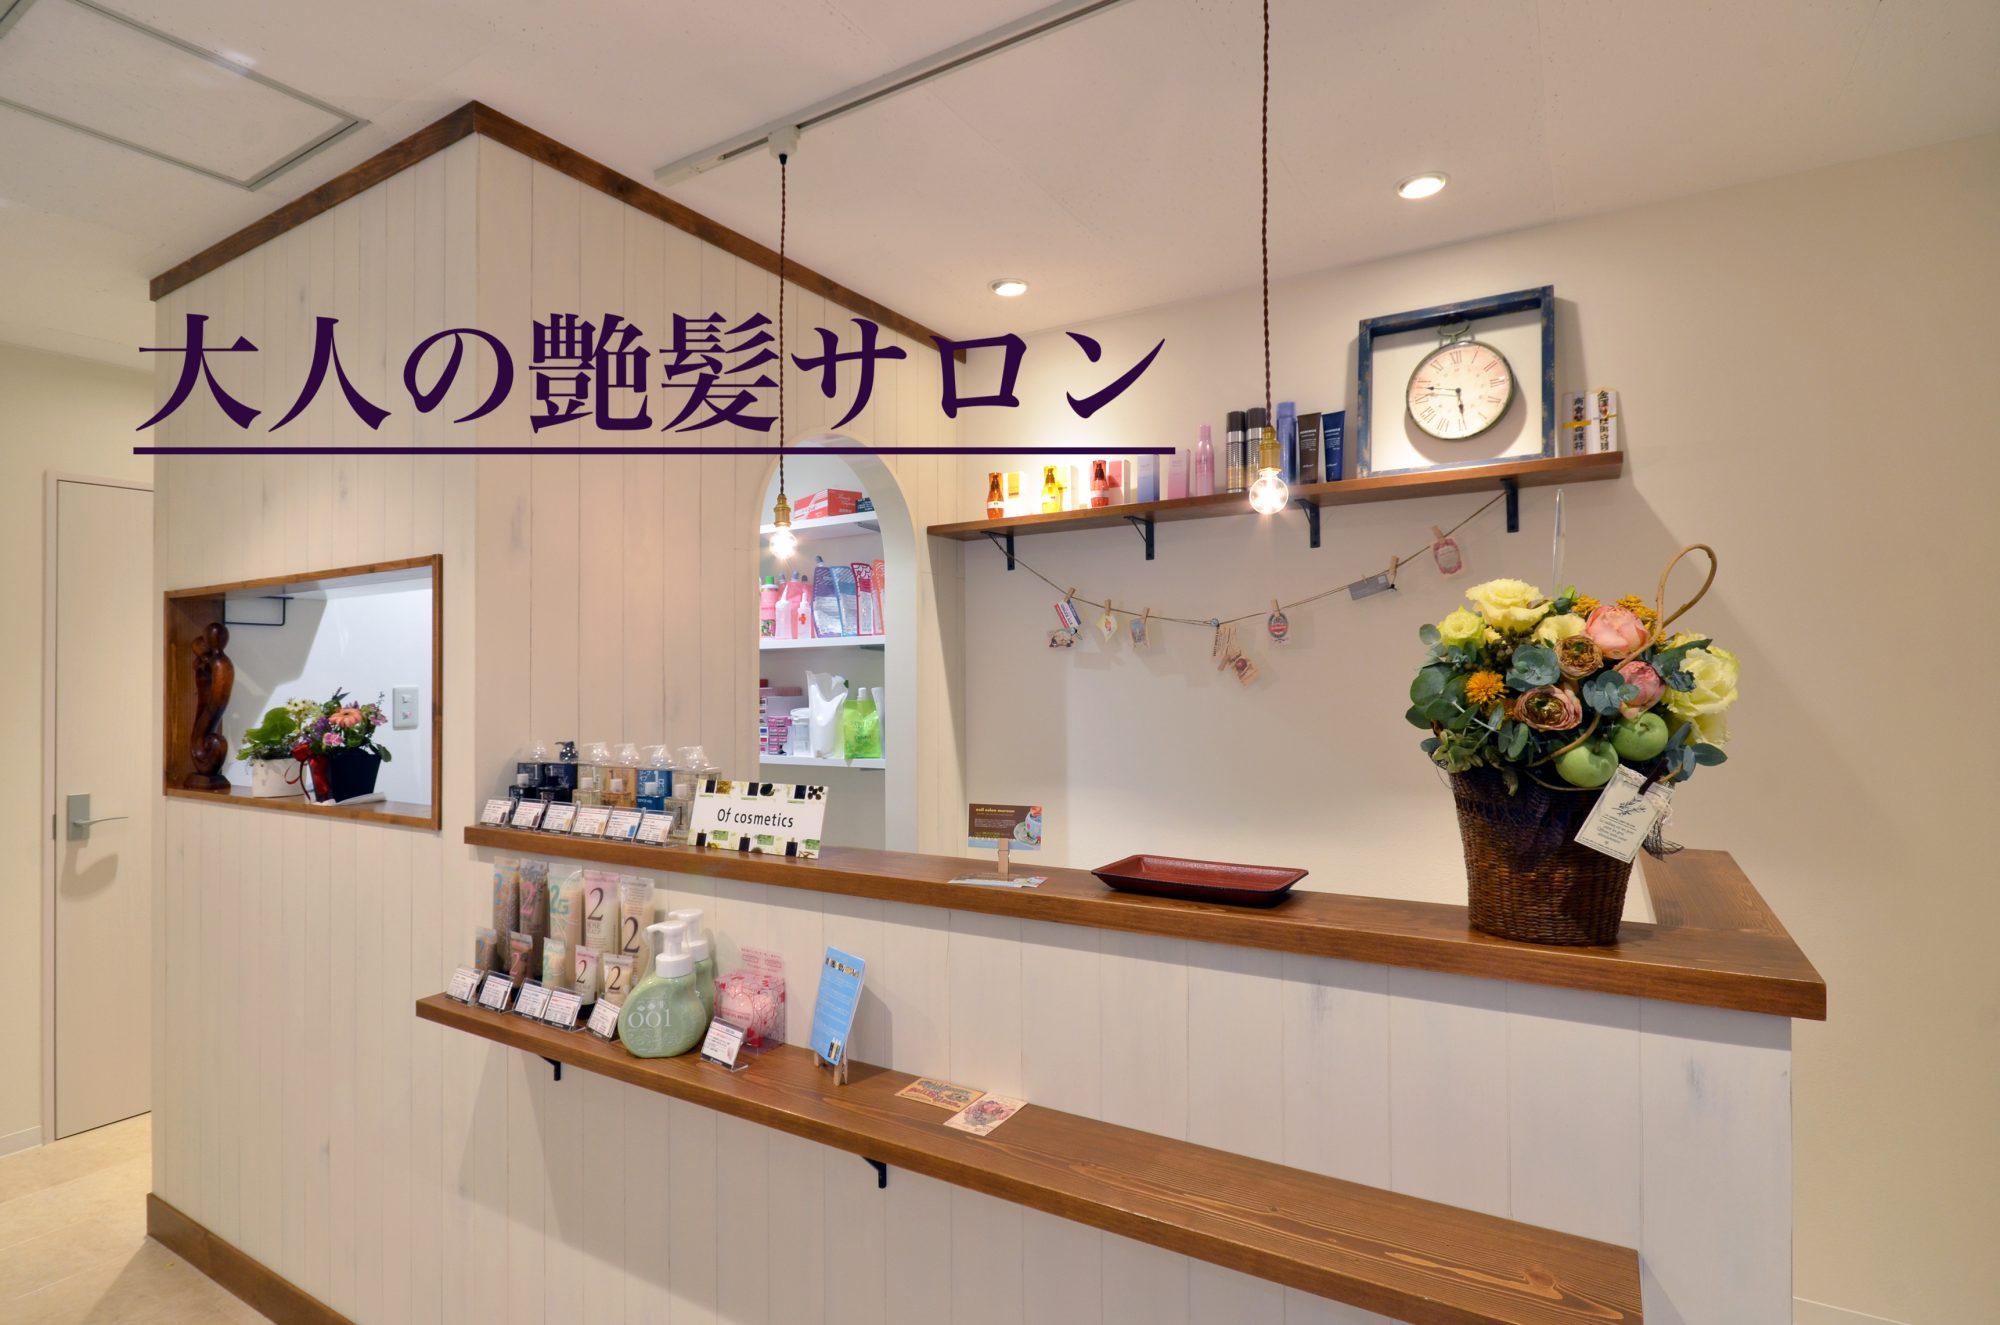 金沢,野々市で縮毛矯正パーマが人気の美容室Lunetta(ルネッタ)公式サイト